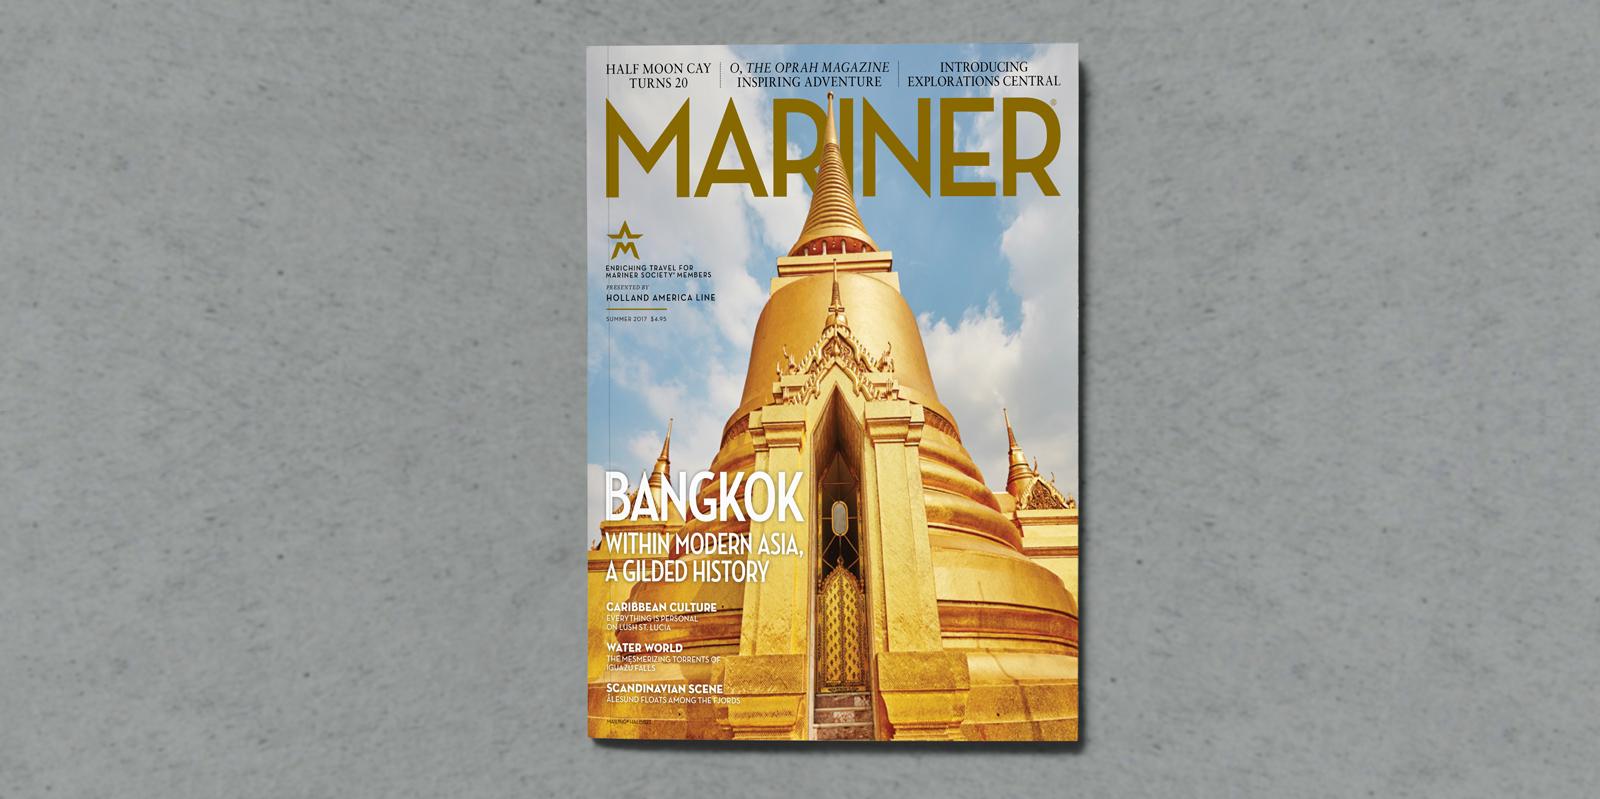 Mariner-Magazine-Cover.jpg